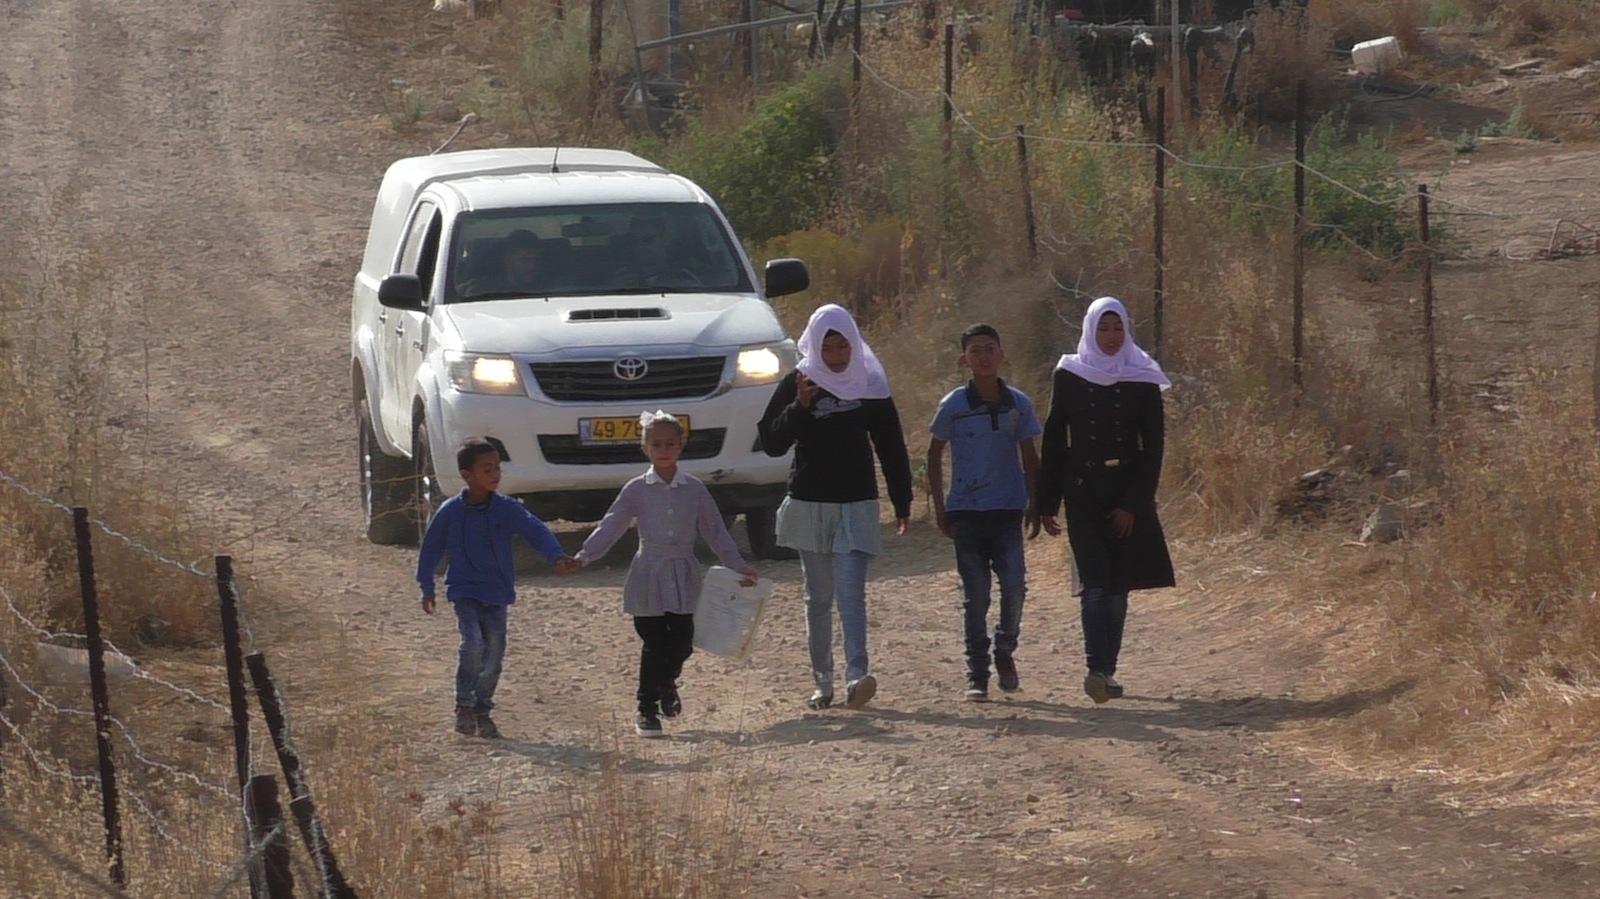 Primo giorno di scuola: il diritto all'istruzione non è ancora garantito nelle colline a sud di Hebron